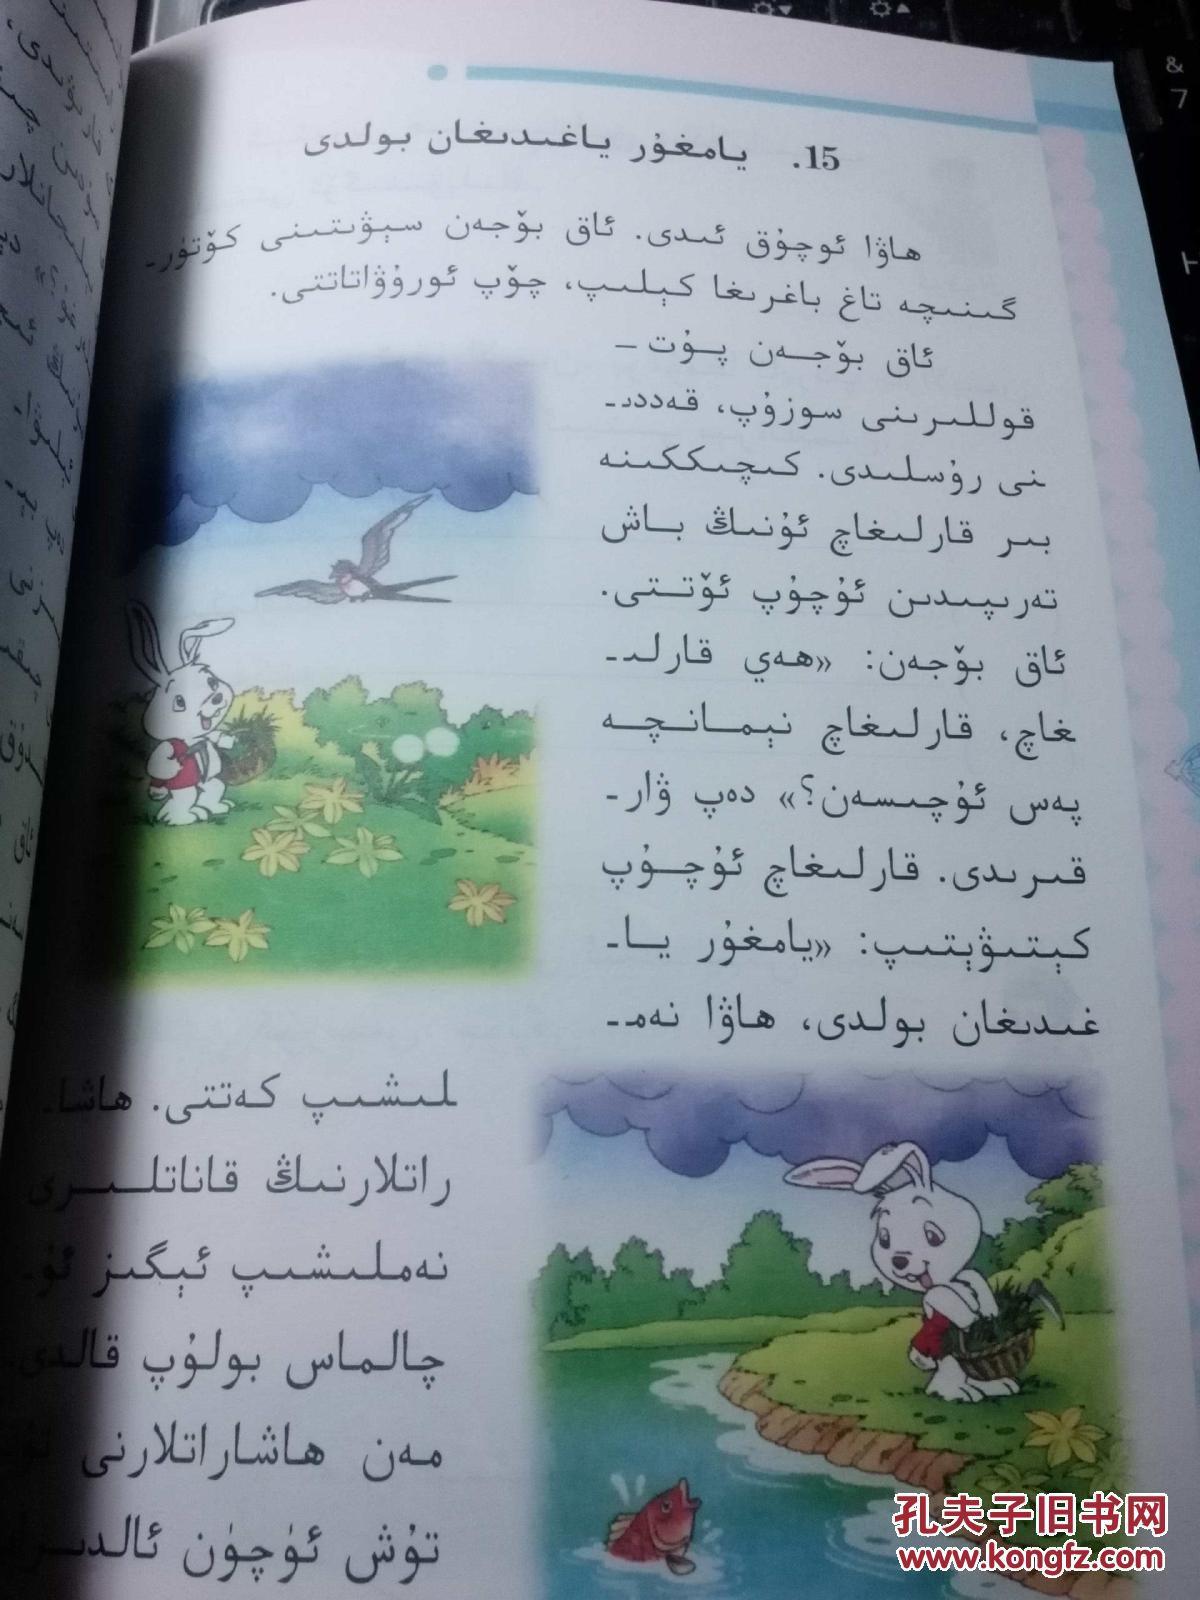 小学维文语文课本 一年级下册 维吾尔文 学习维吾尔文的利器 语言地道